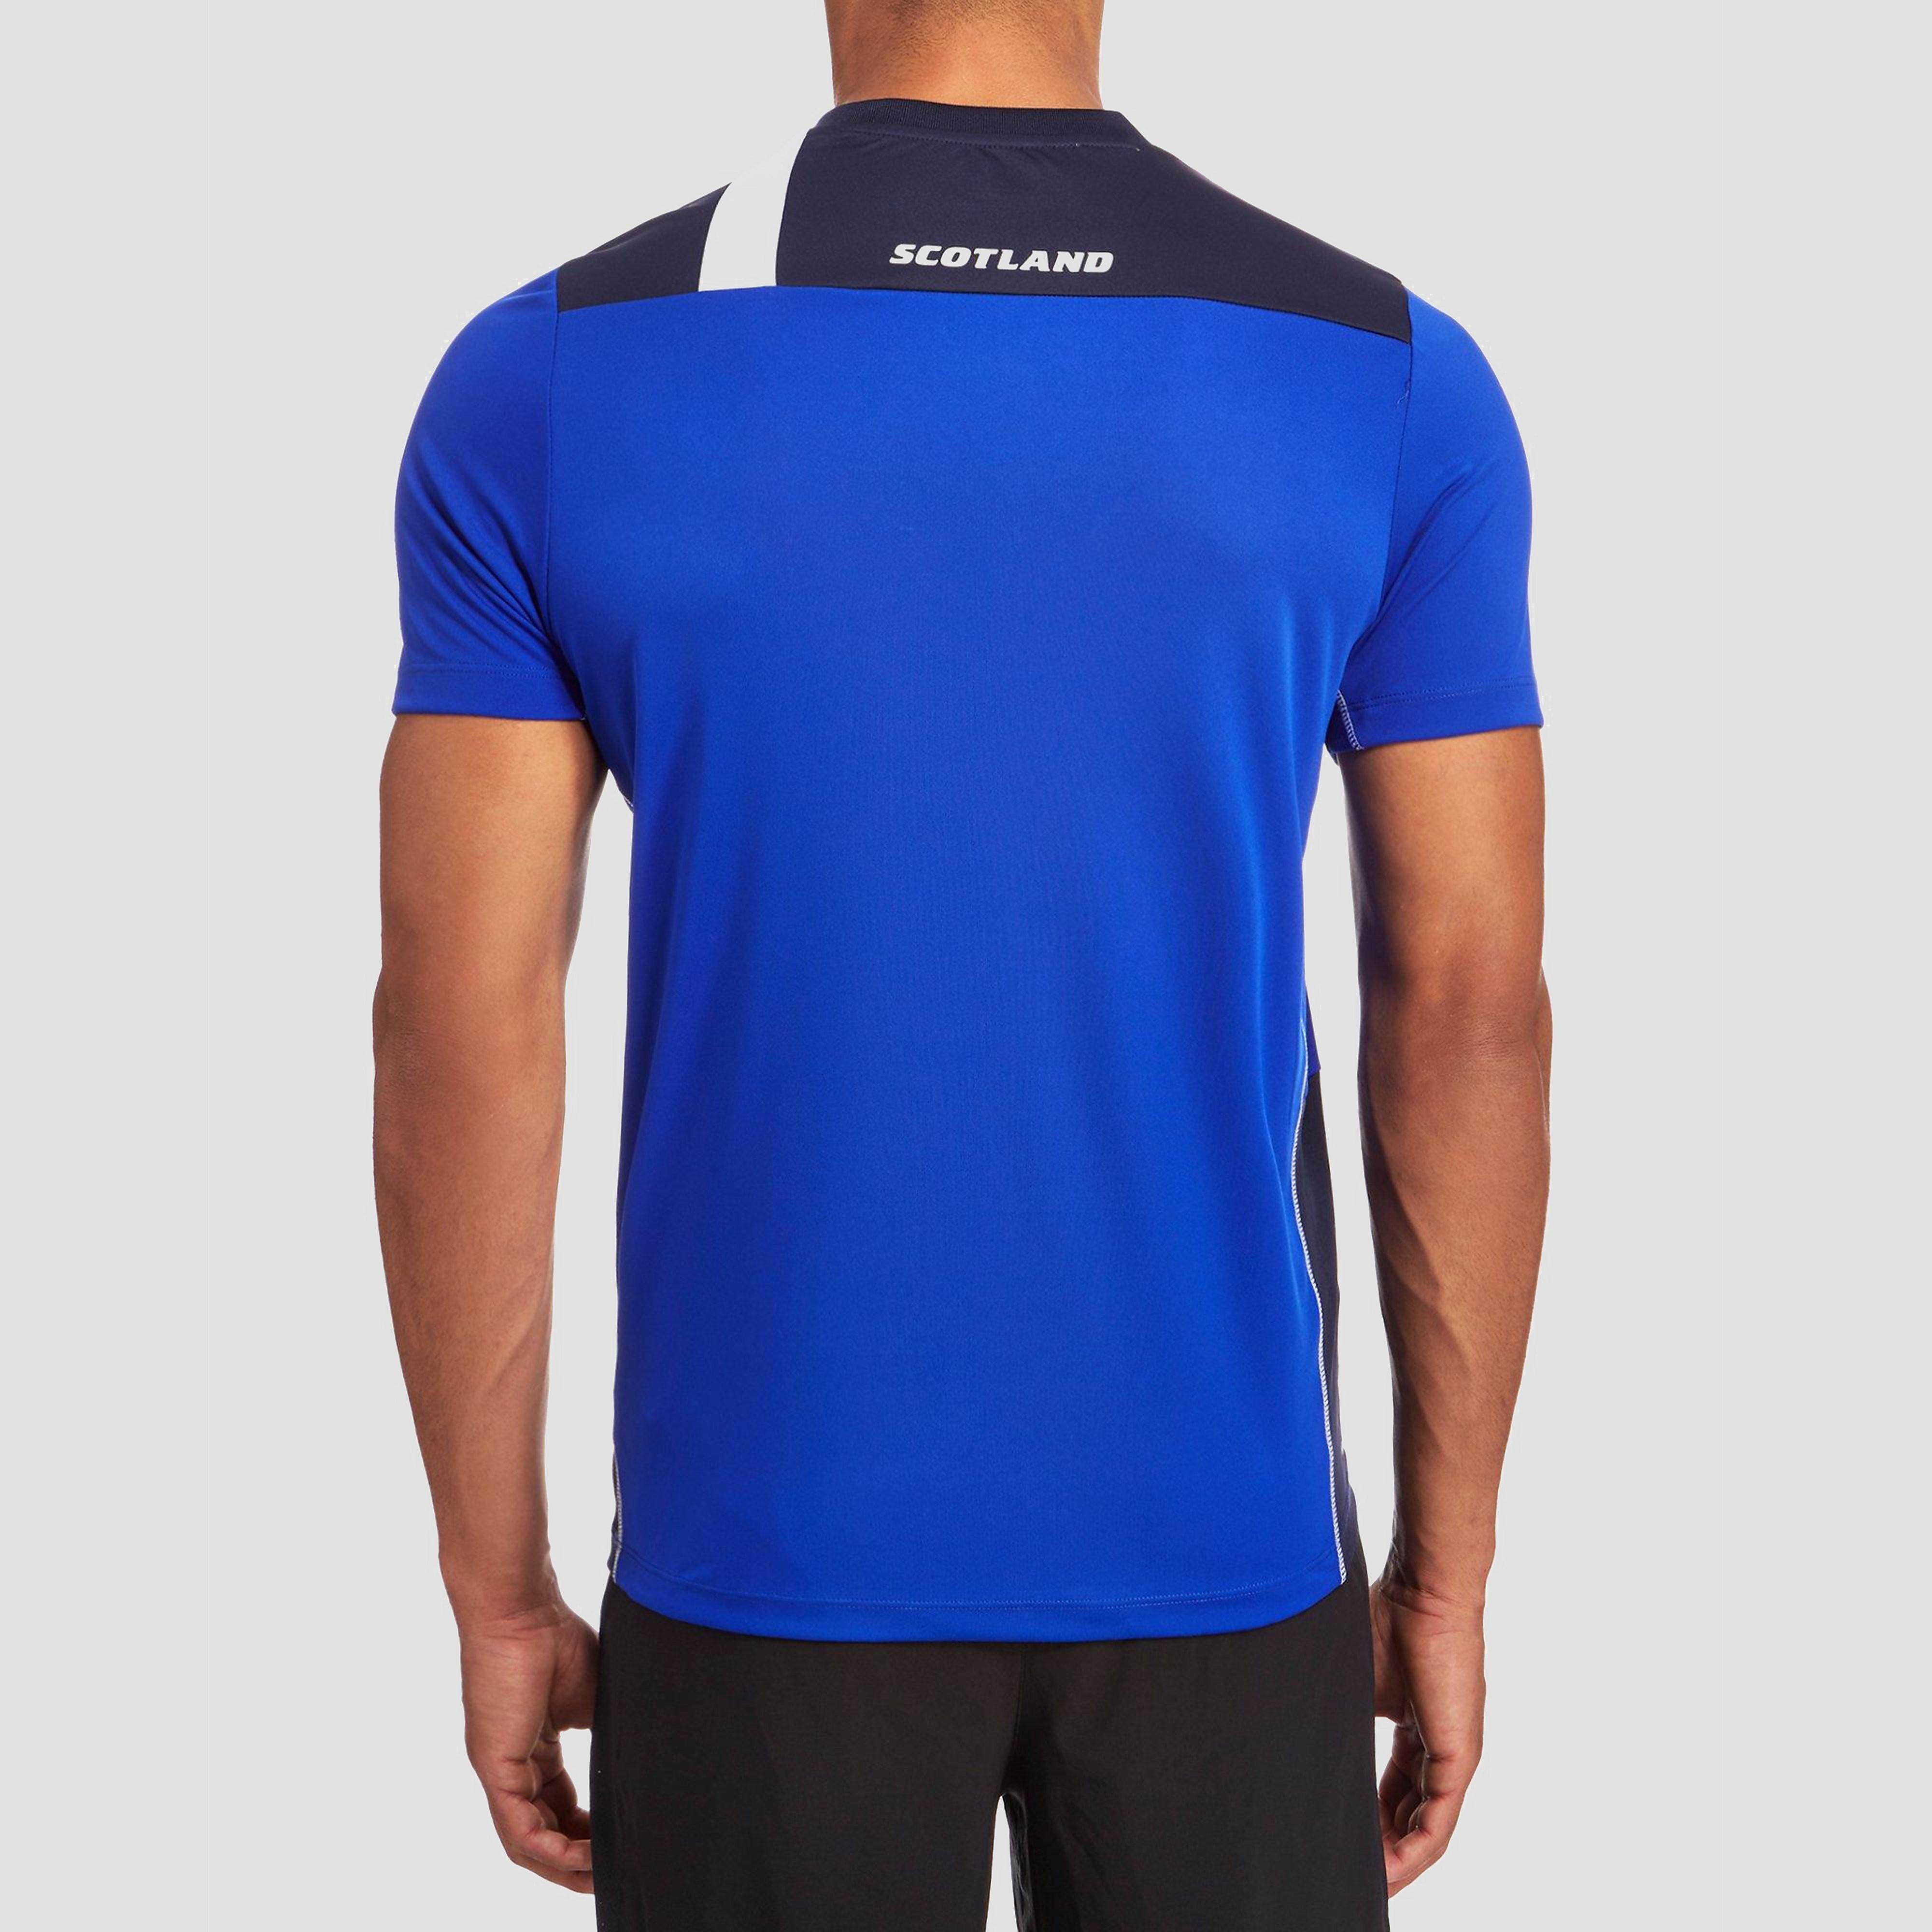 Macron Scotland Men's Poly Shirt